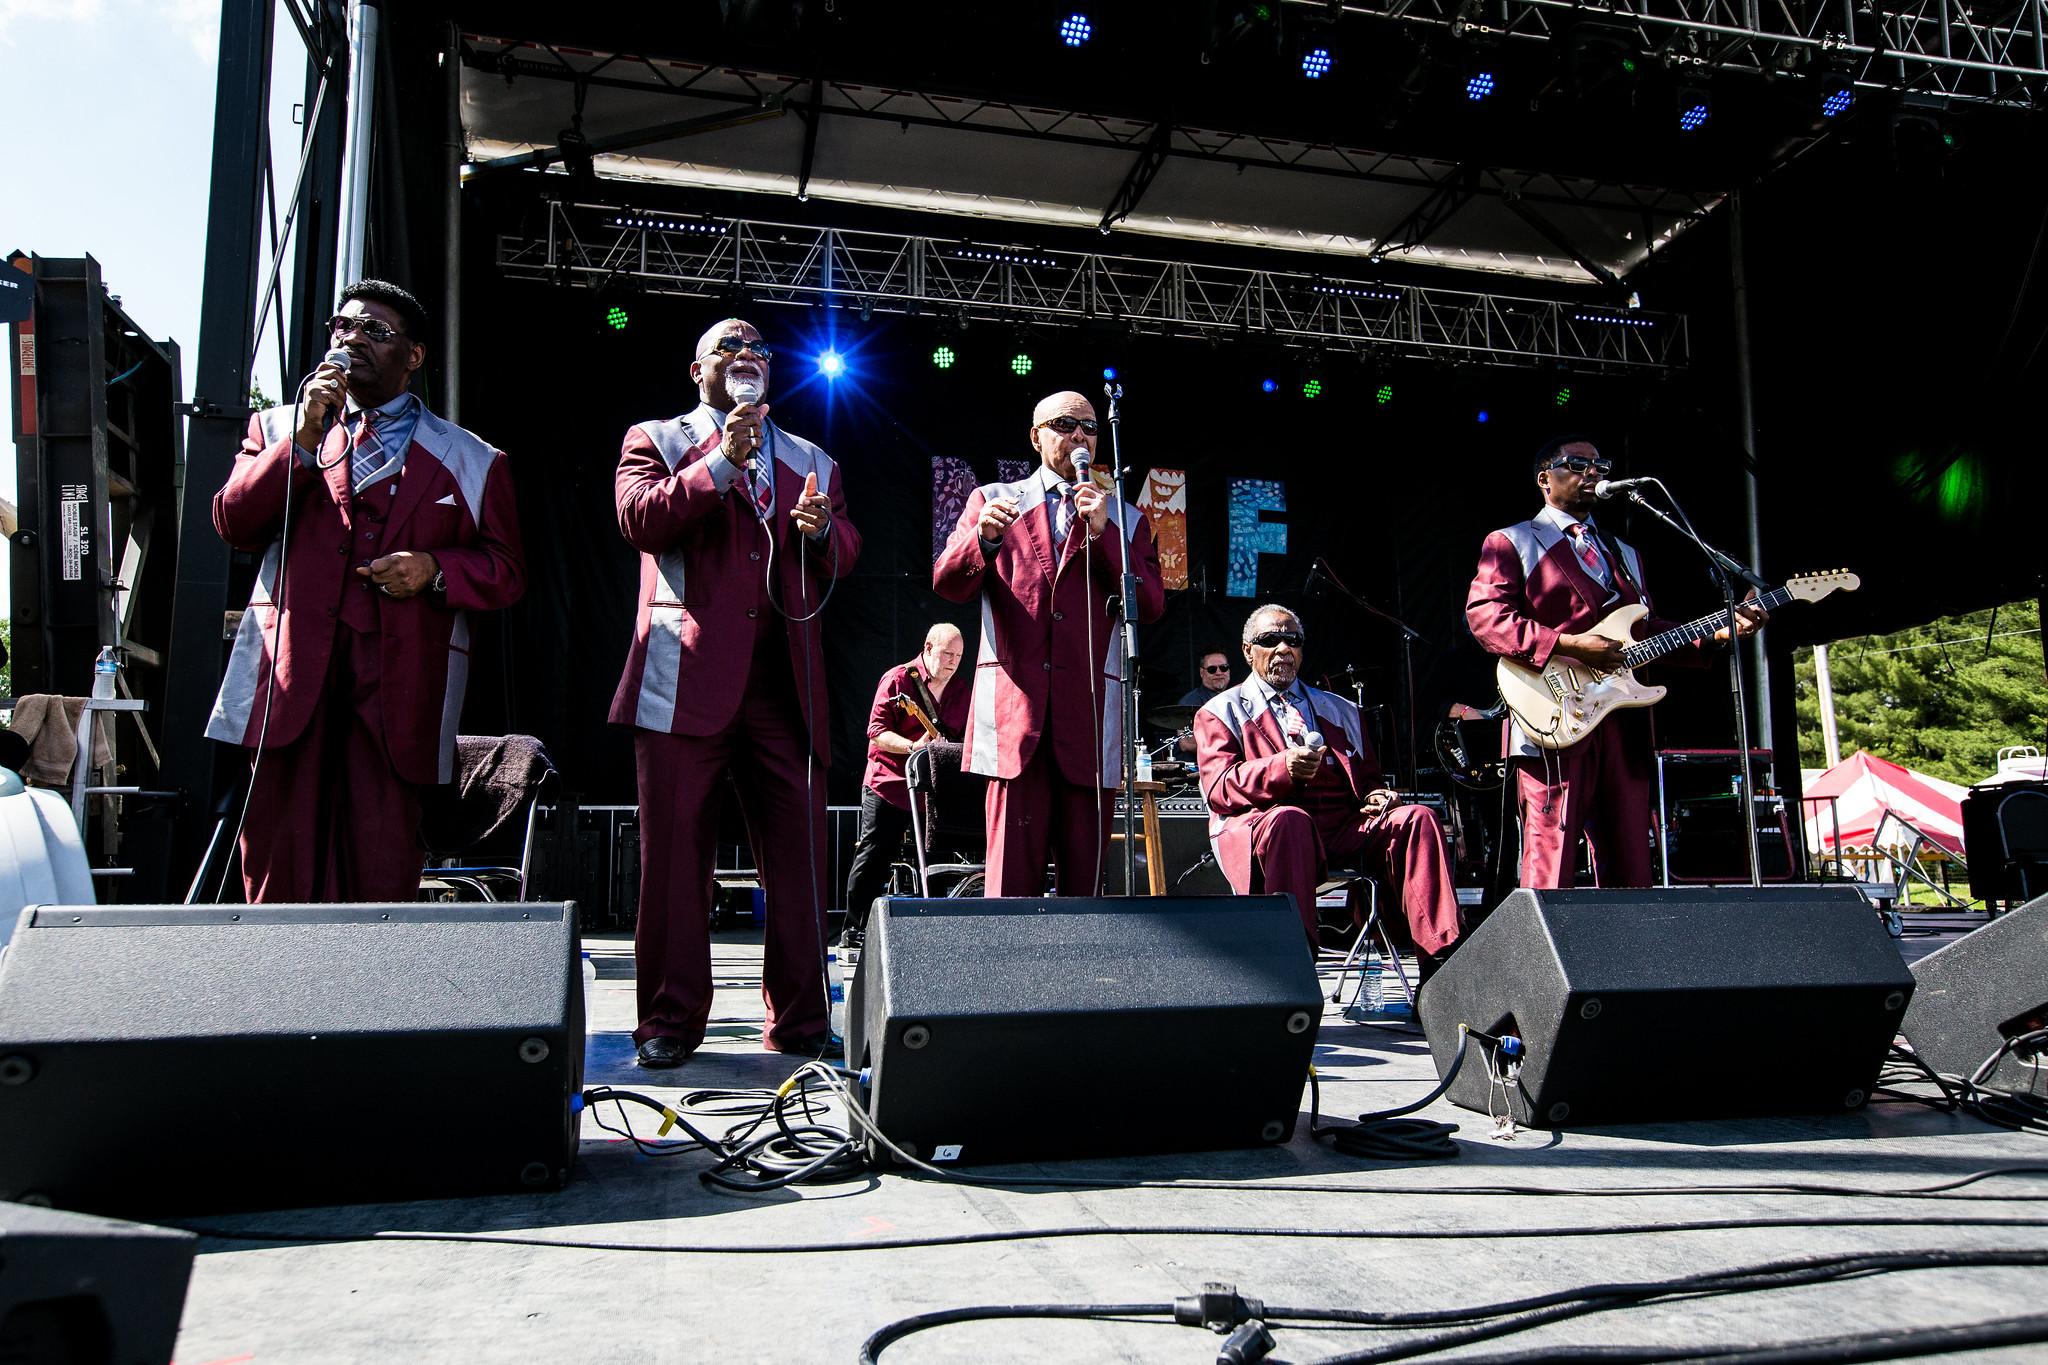 Paul Thorn & The Blind Boys Of Alabama